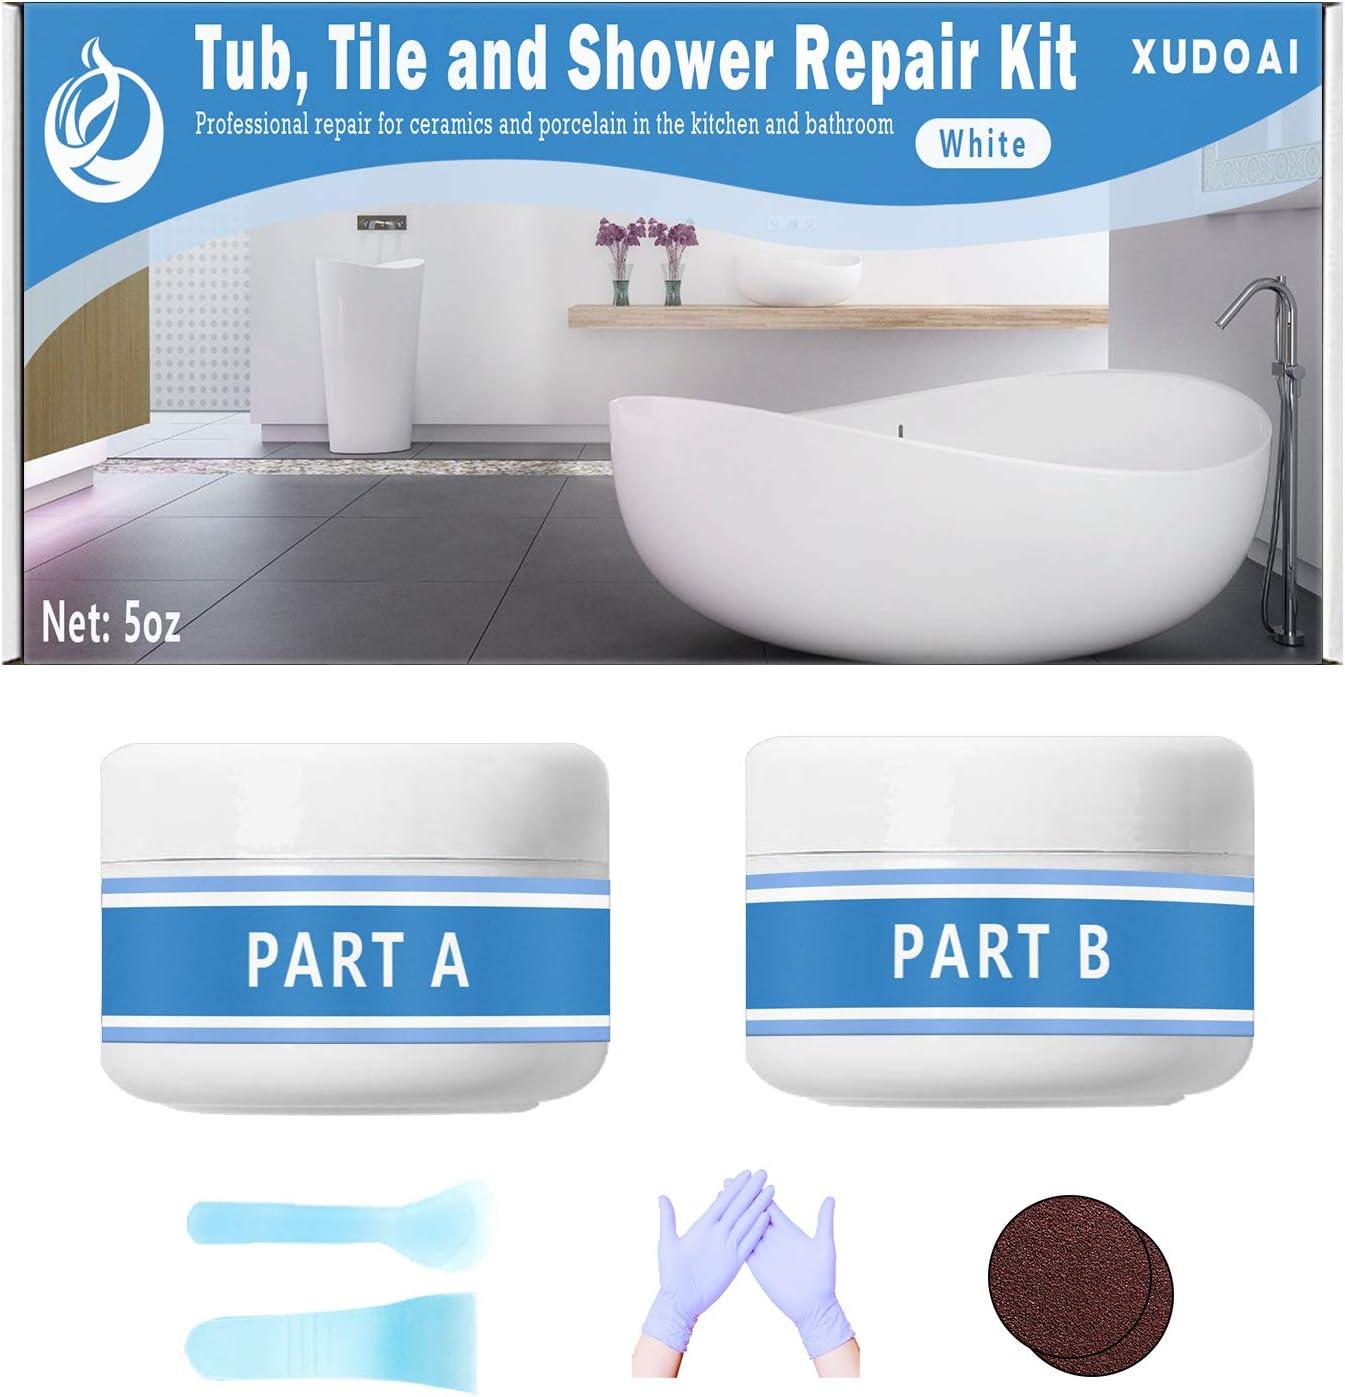 Kit de reparación de bañera, azulejos y ducha, kit de acabado para grietas de baño, para porcelana, acrílico, fibra de vidrio, de color blanco